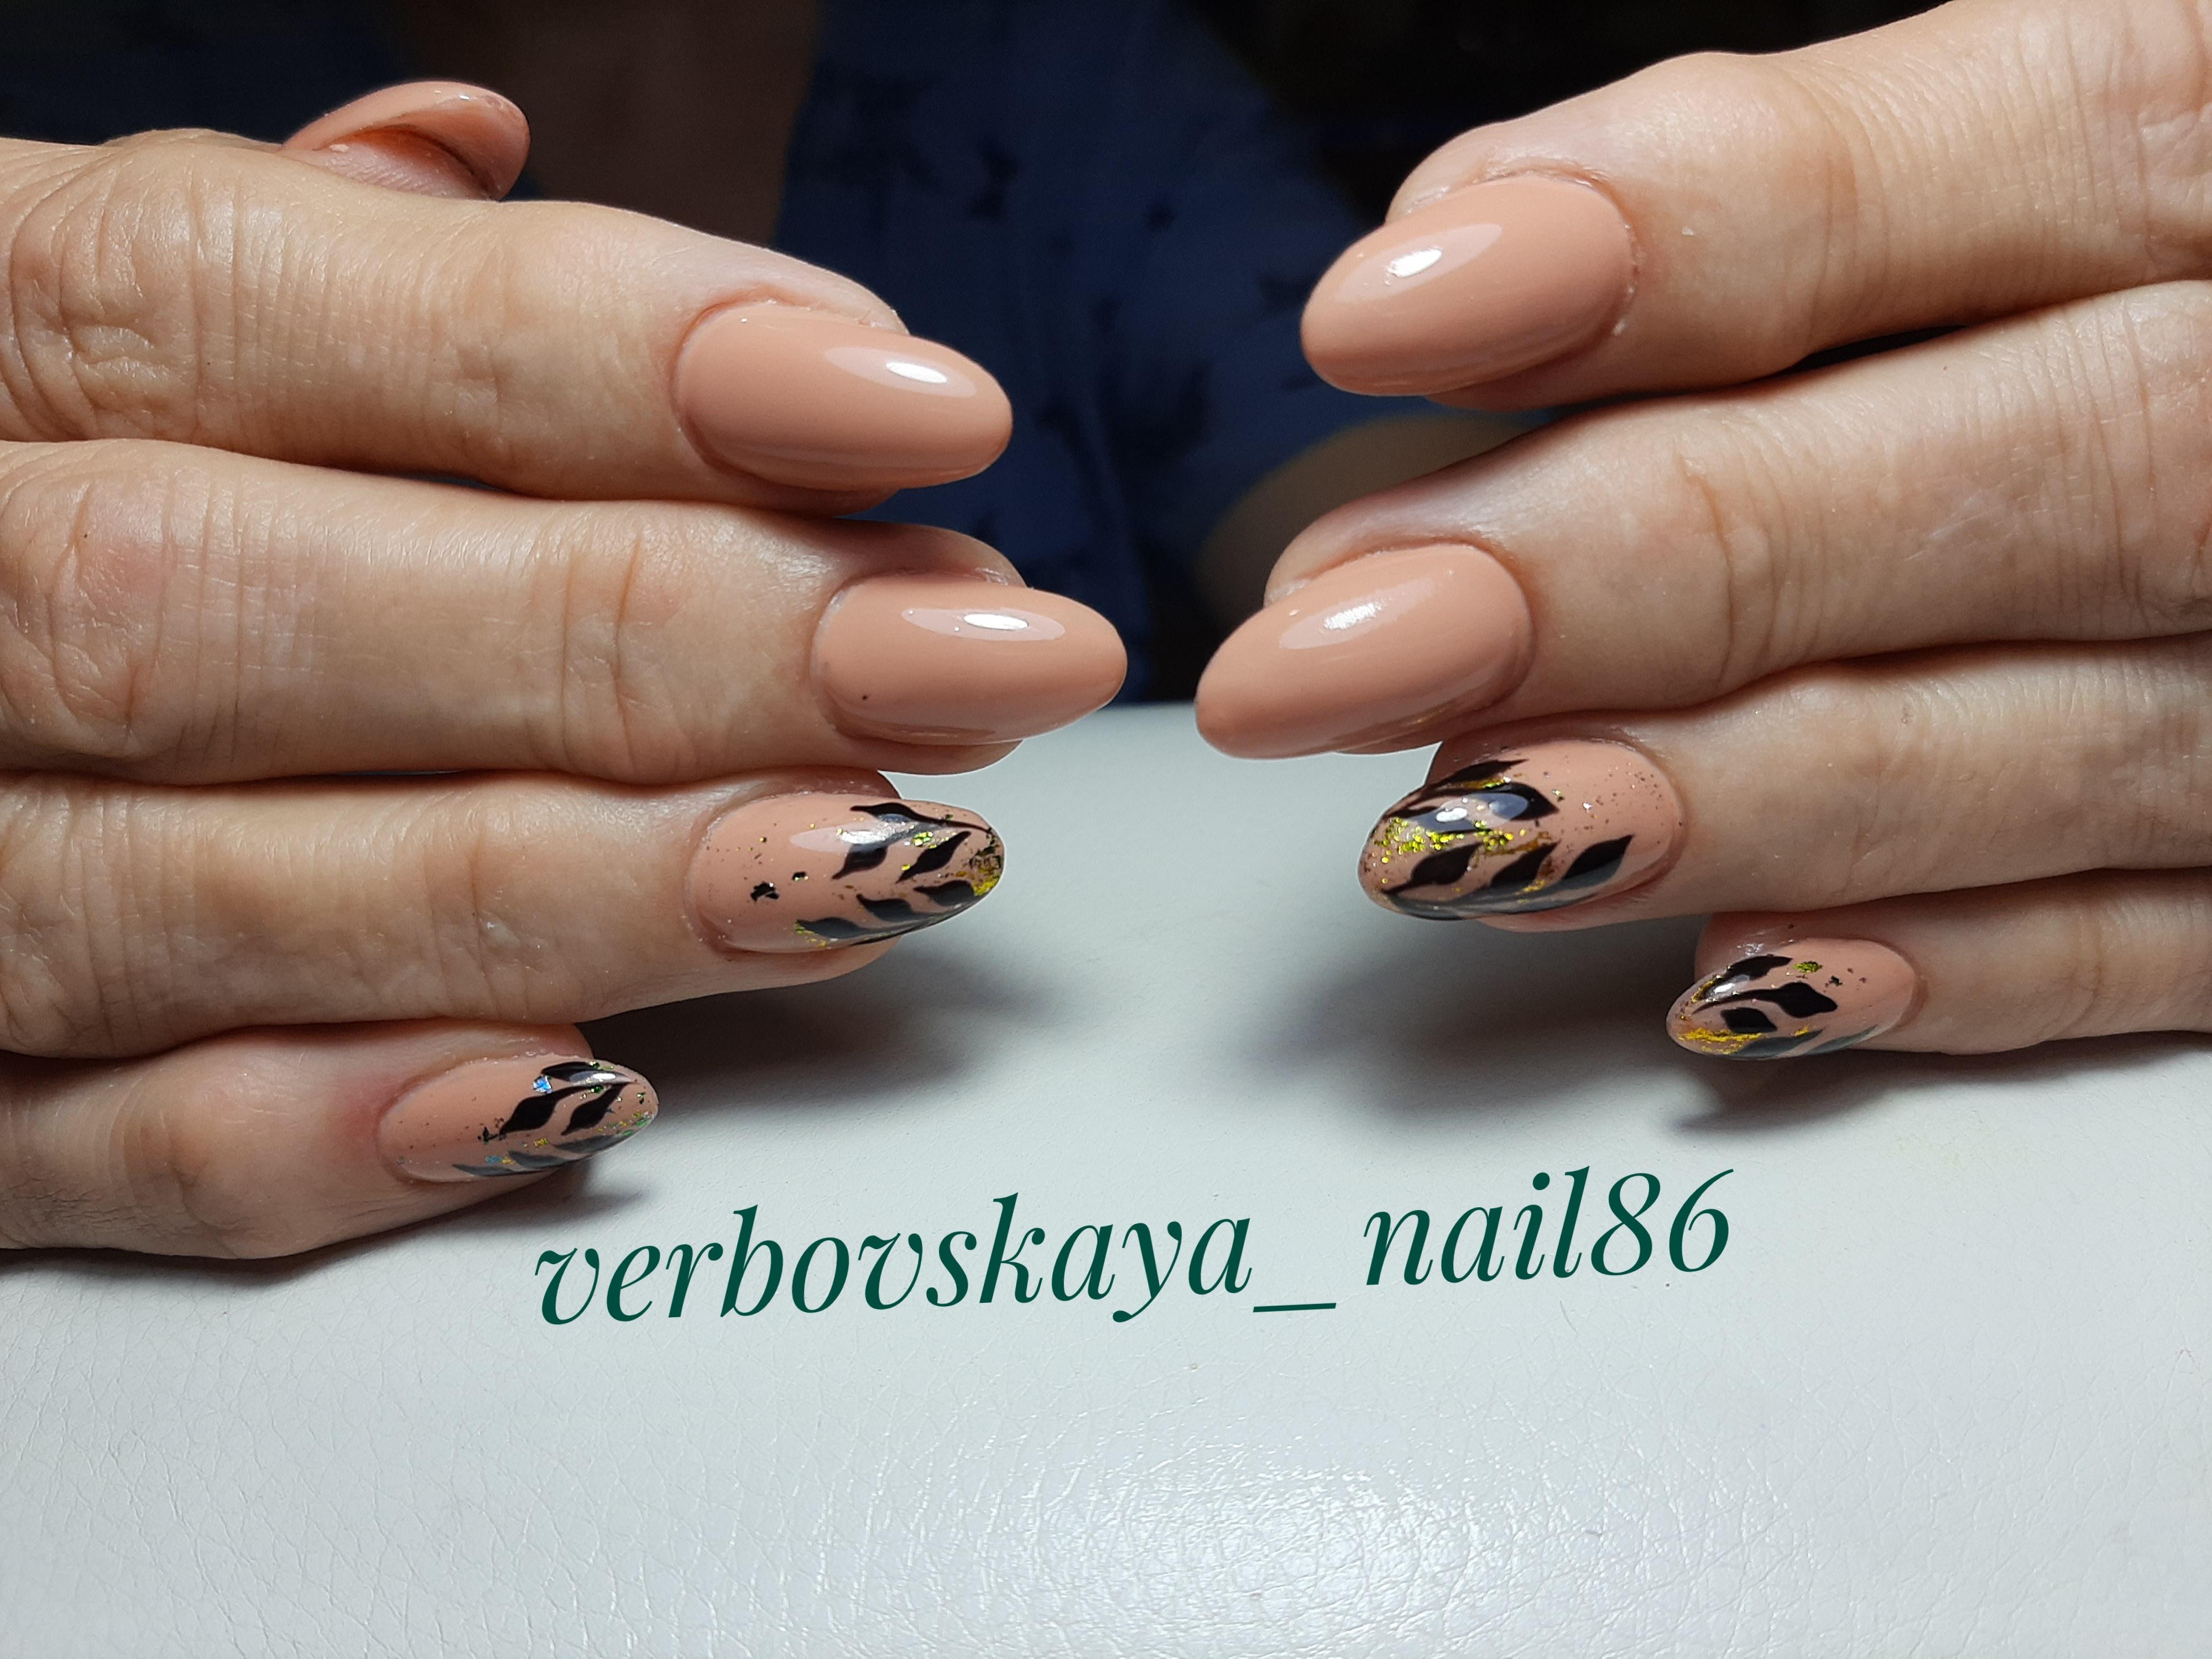 Маникюр с растительным рисунком в персиковом цвете на длинные ногти.